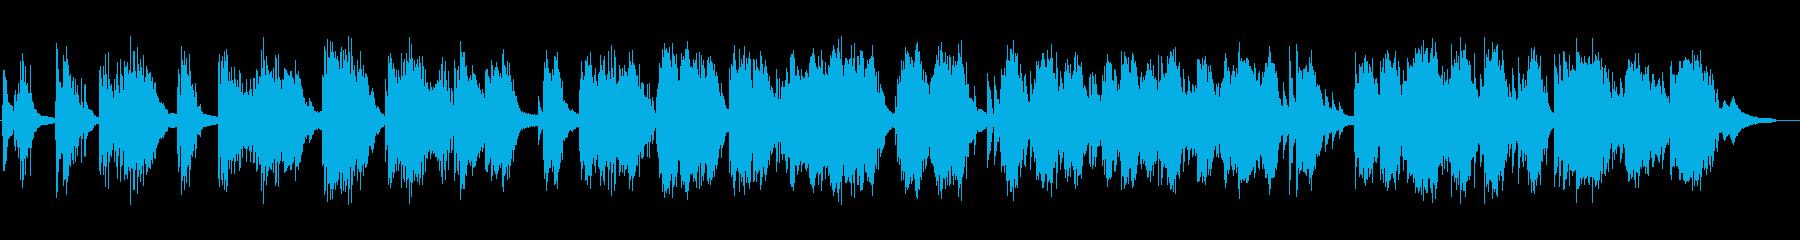 ほのぼのした物語的なピアノソロの再生済みの波形